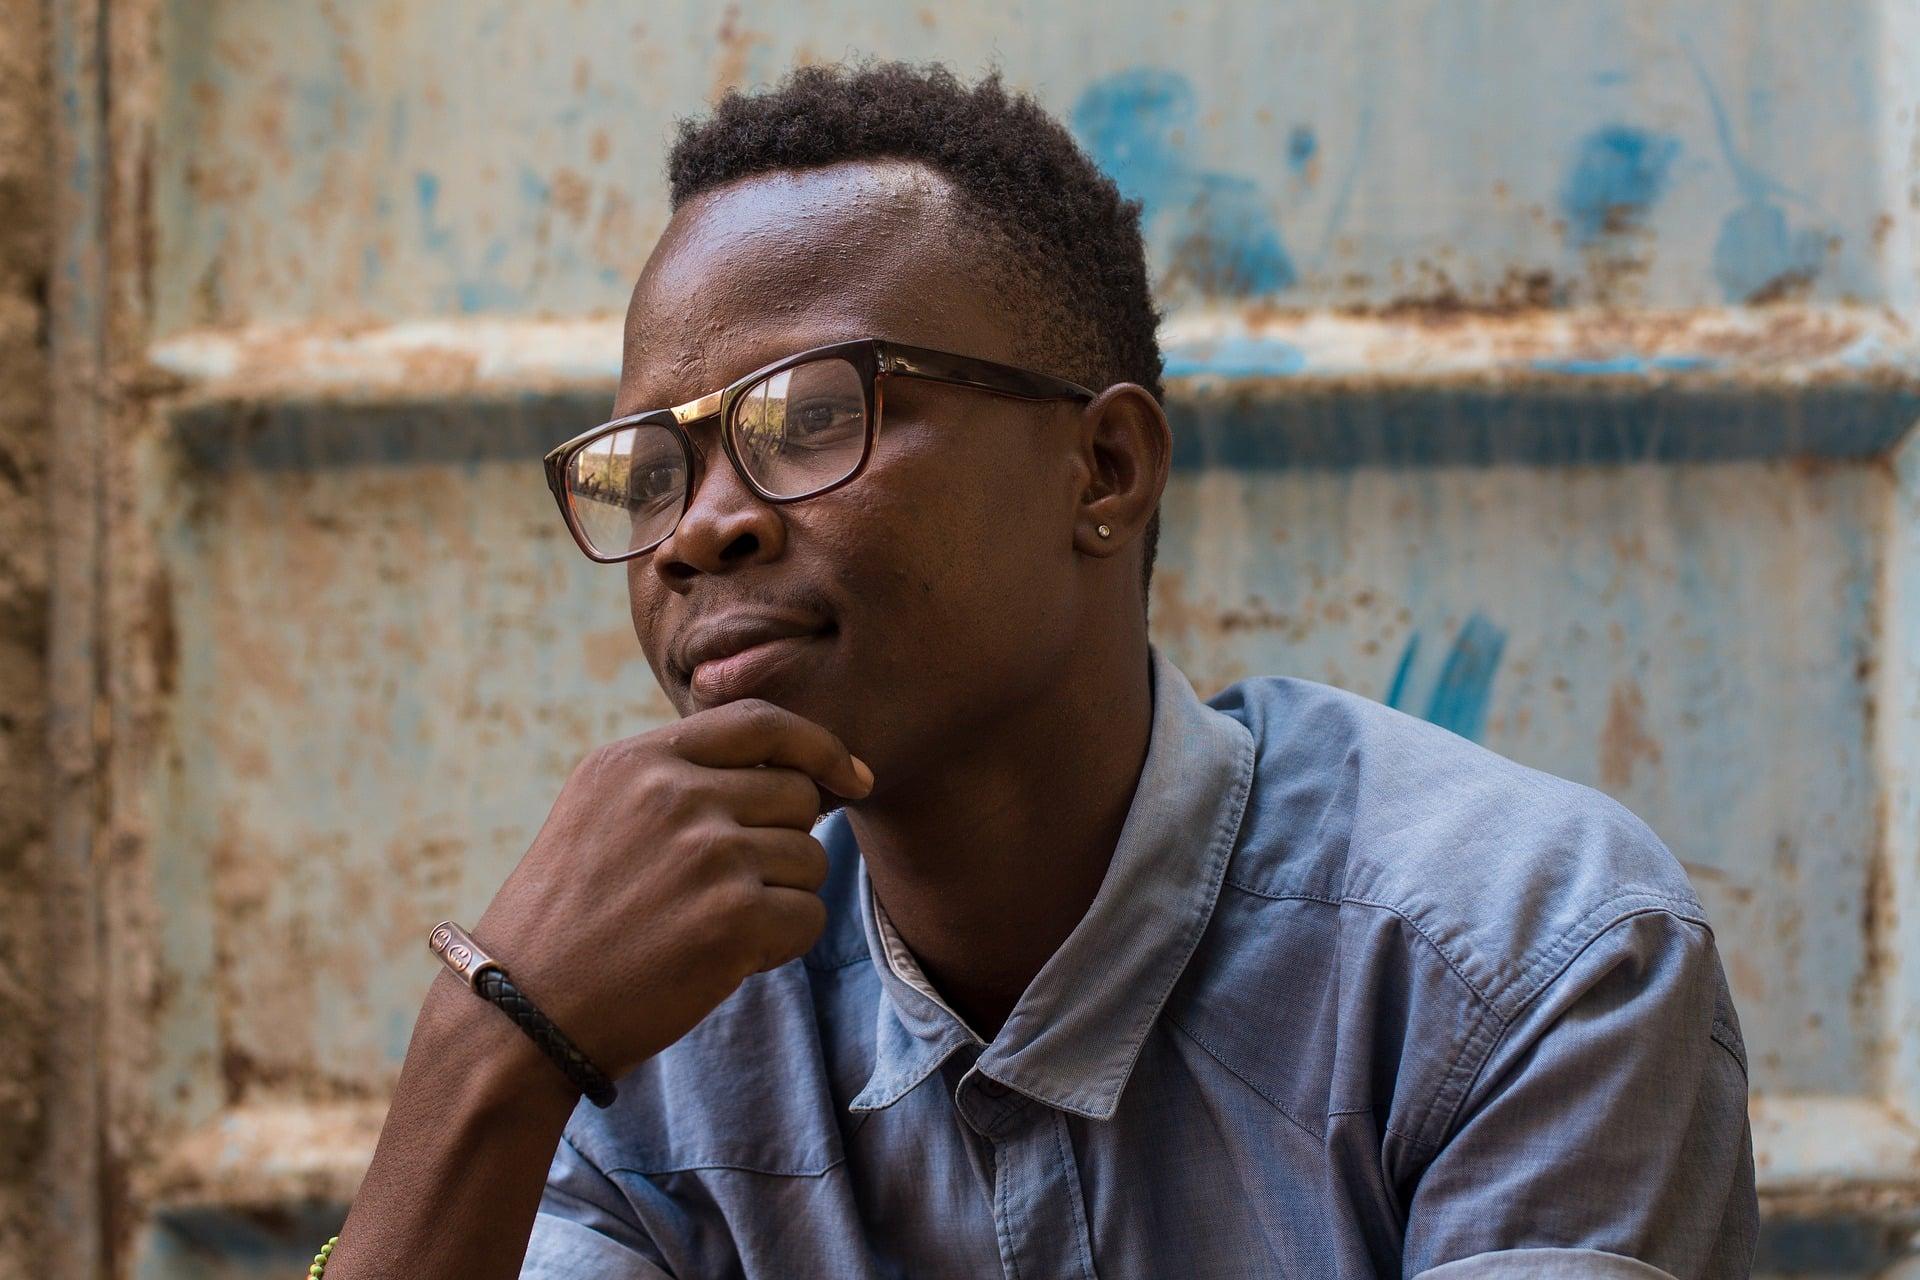 Volontariato Internazionale in Tanzania per sensibilizzare sul tema della salute con ICYE